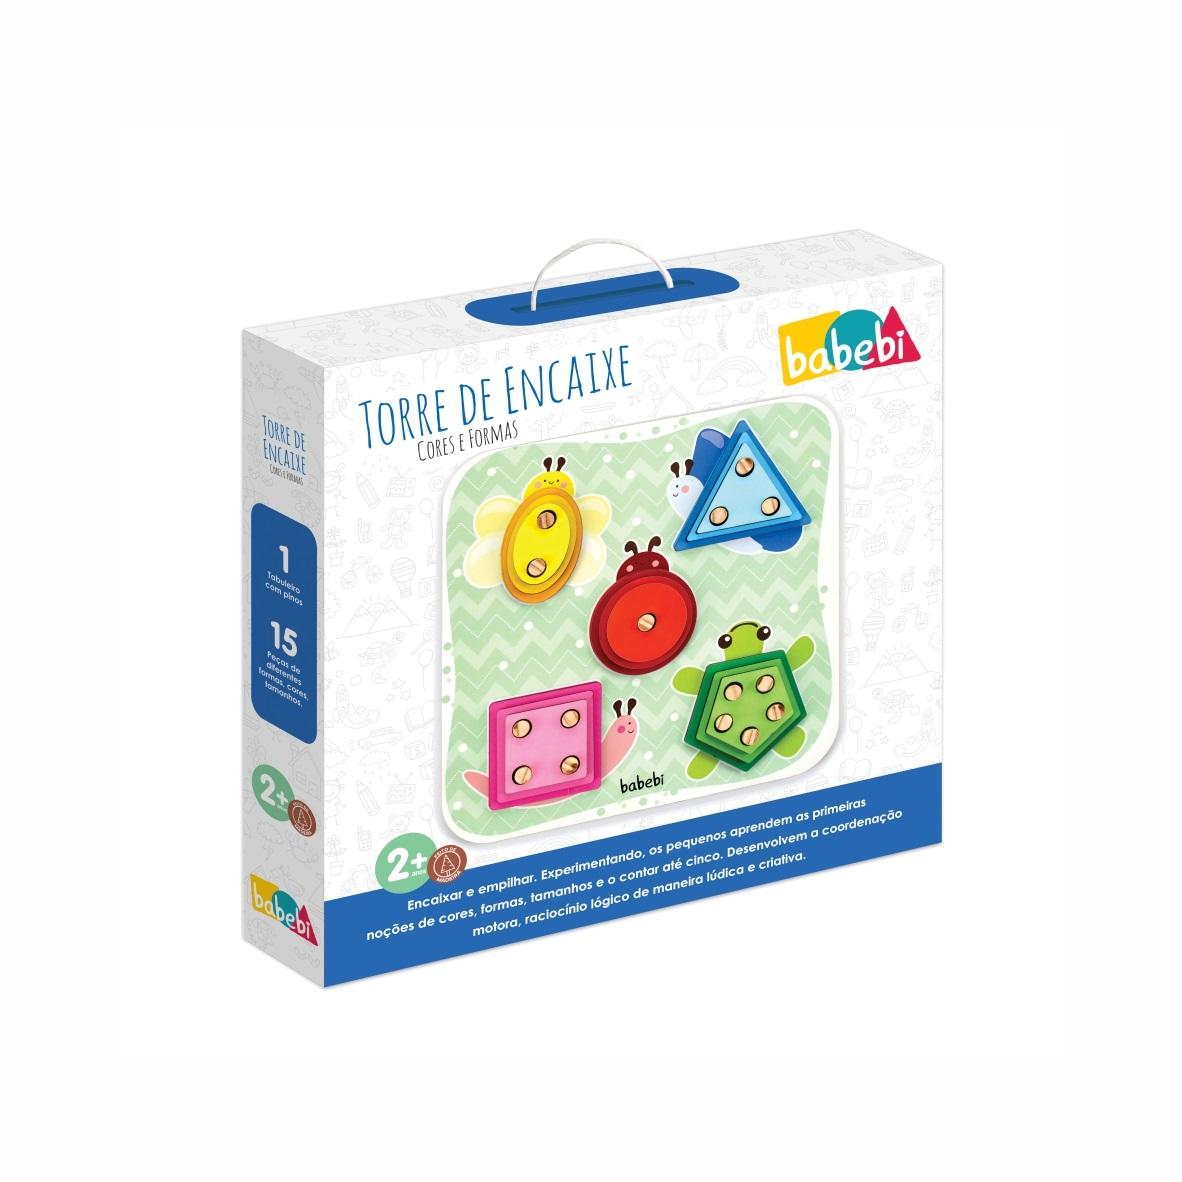 Brinquedo Educativo Montessori Torre De Encaixe Cores E Formas